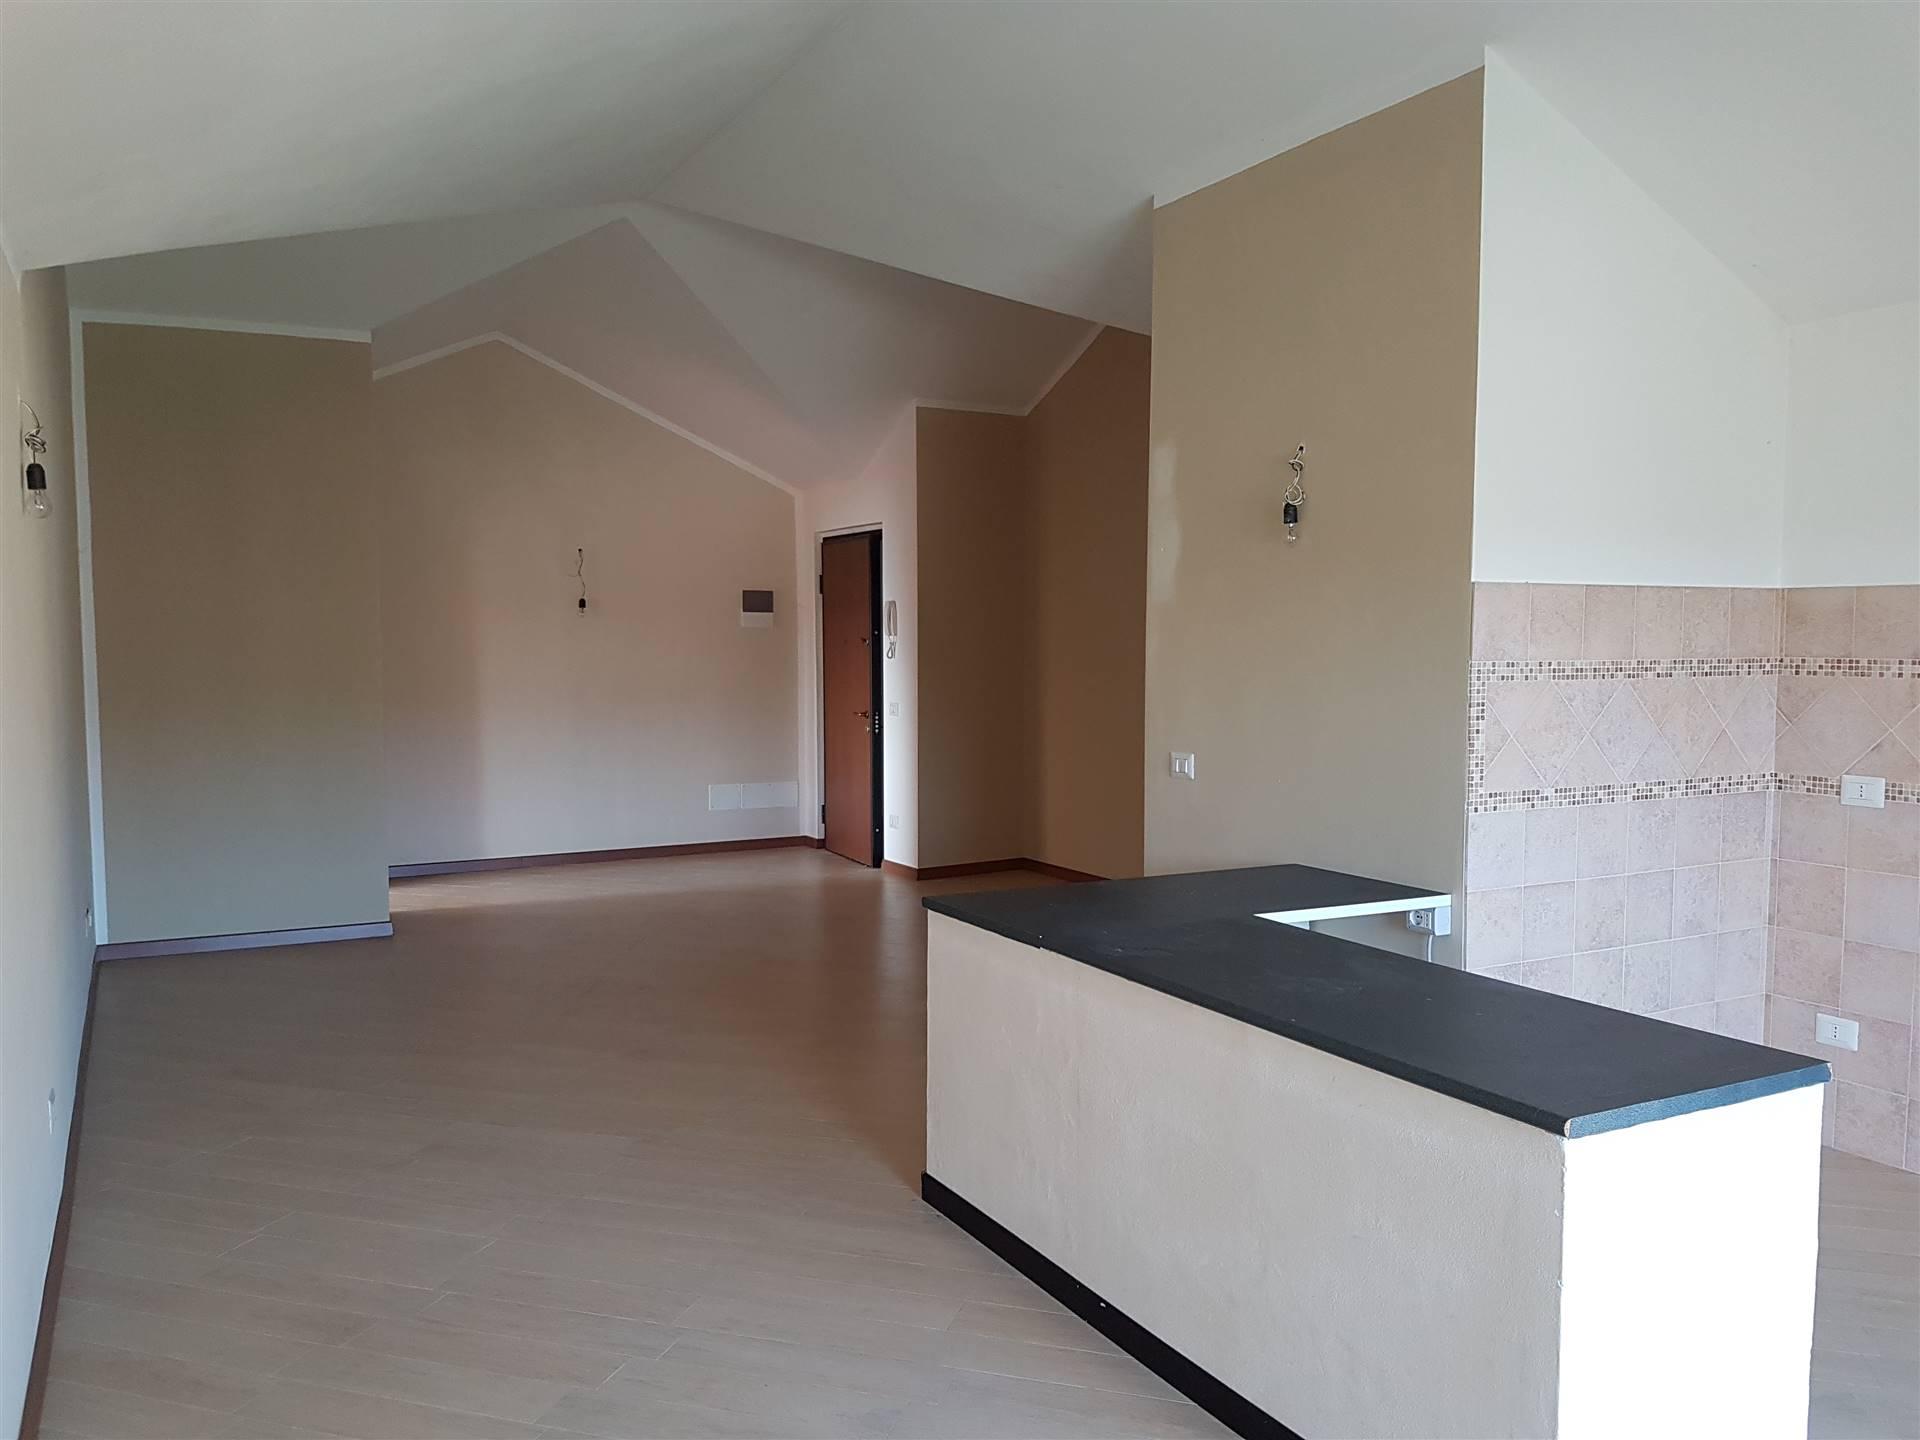 Attico / Mansarda in vendita a Bistagno, 5 locali, prezzo € 168.000   PortaleAgenzieImmobiliari.it